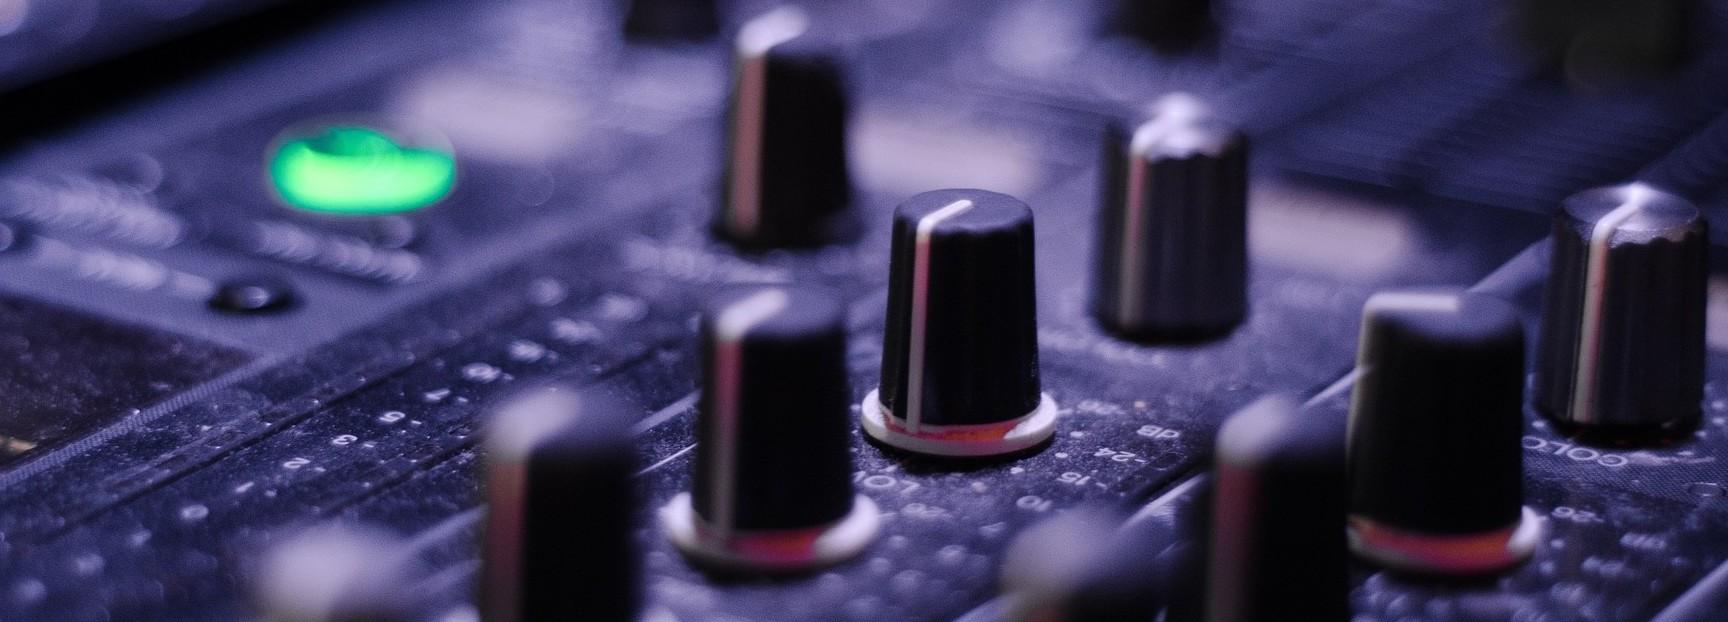 mixer-821537_1920